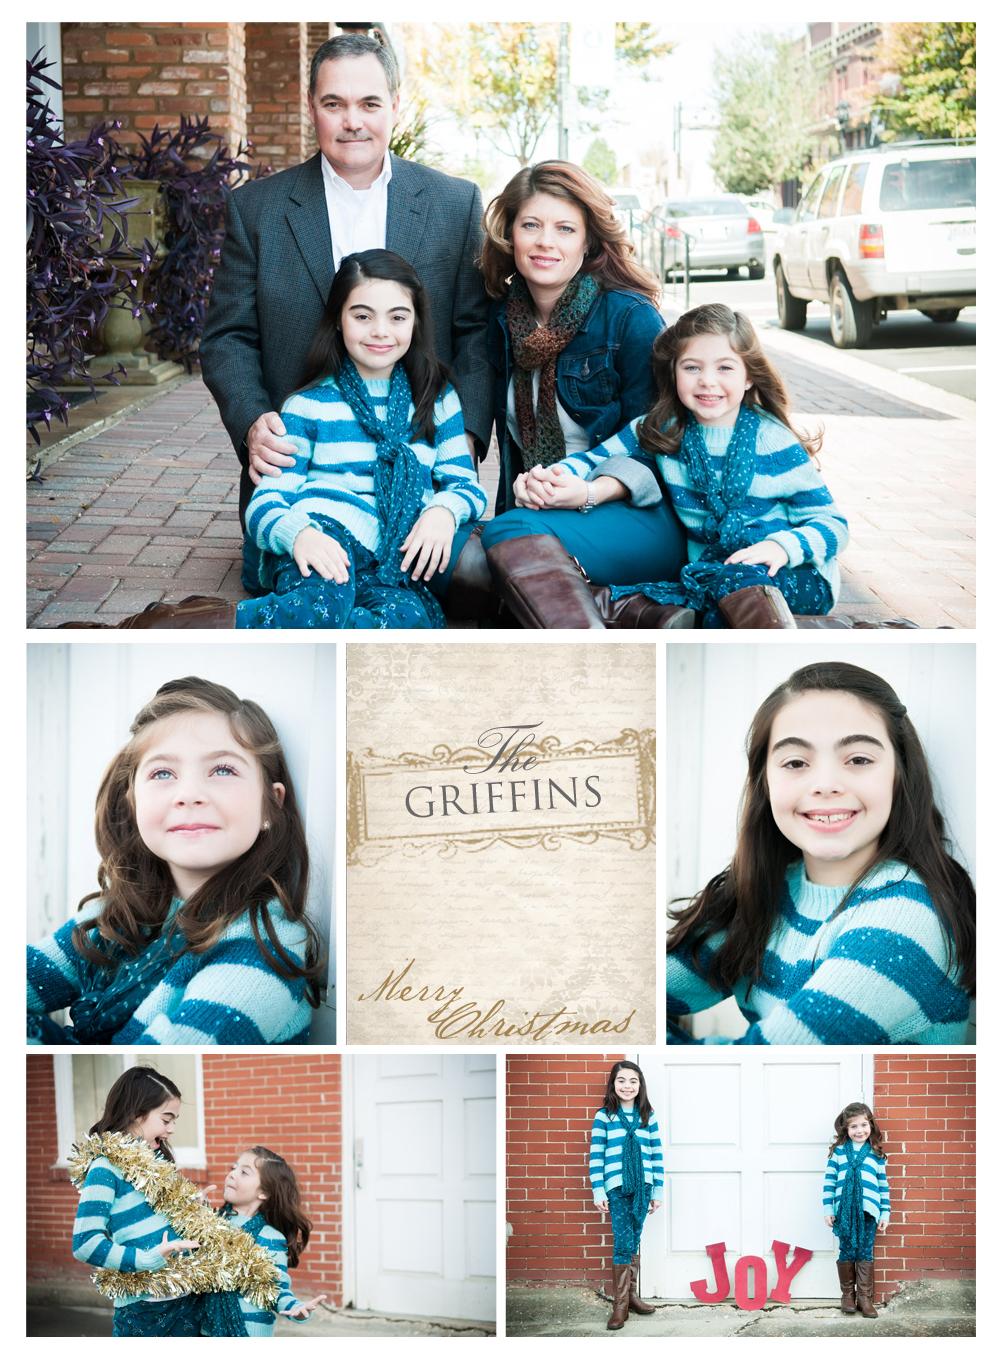 griffins.jpg